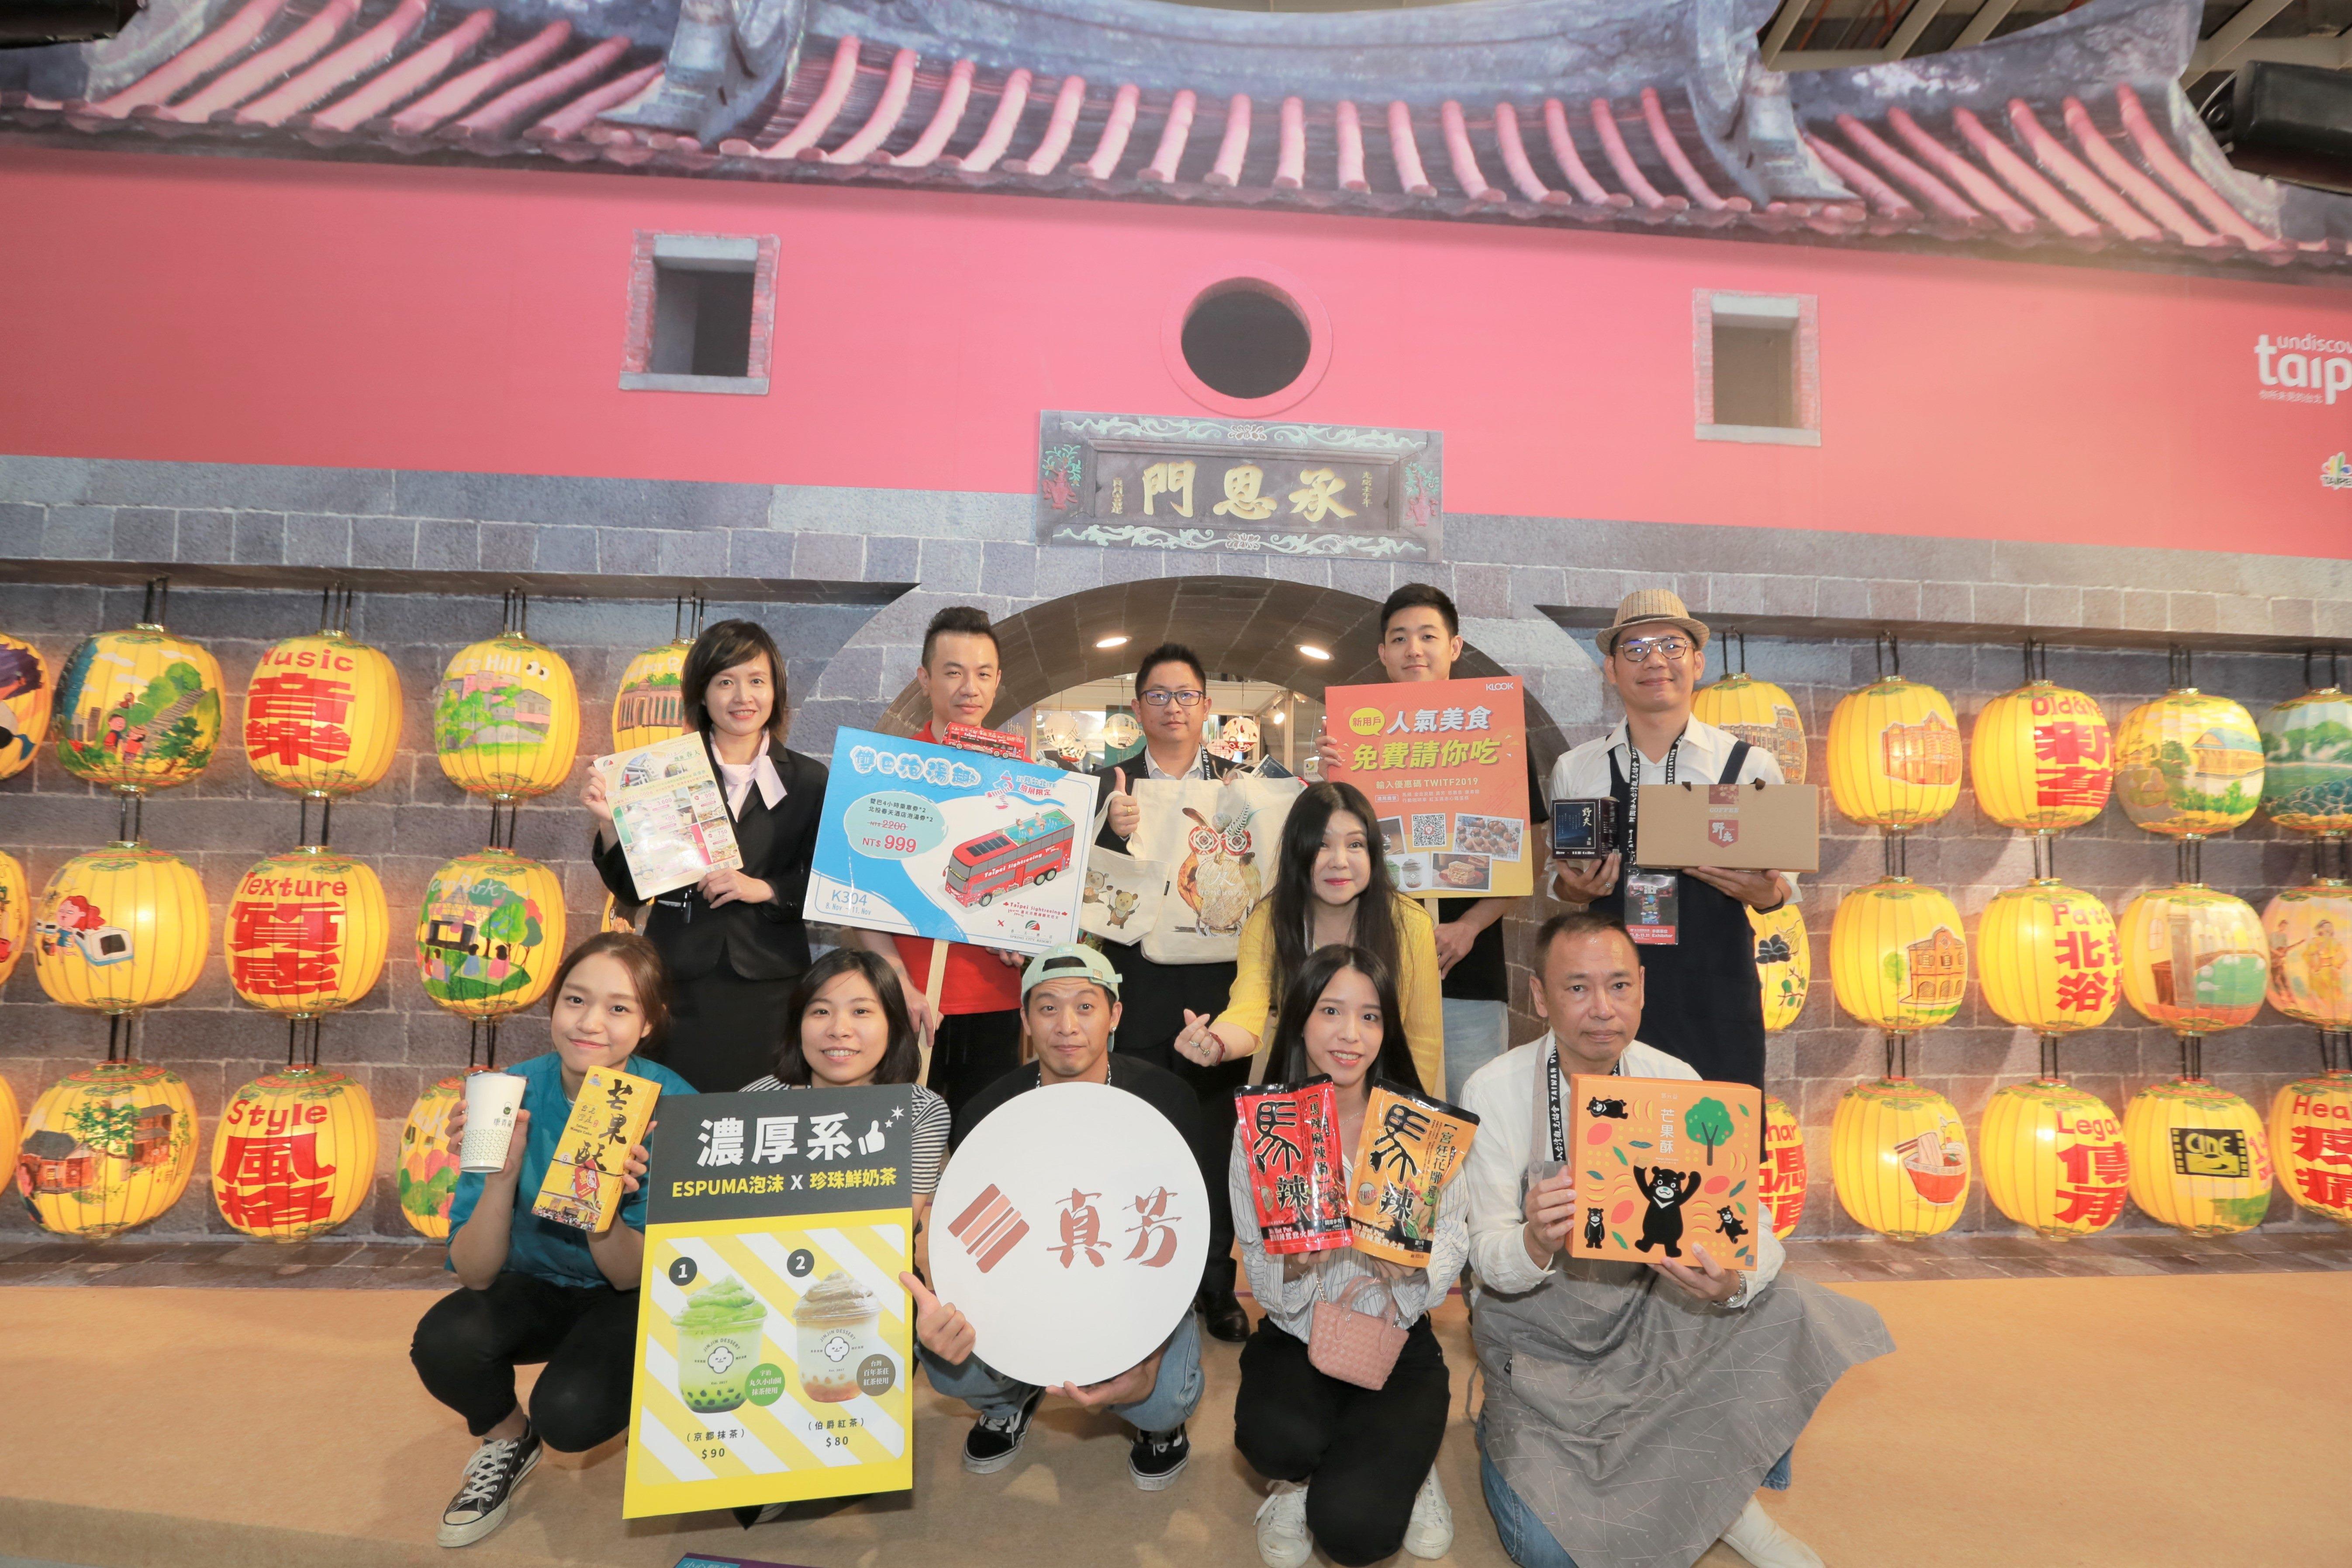 臺北主題館十二家參展業者推出最人氣、特色商品